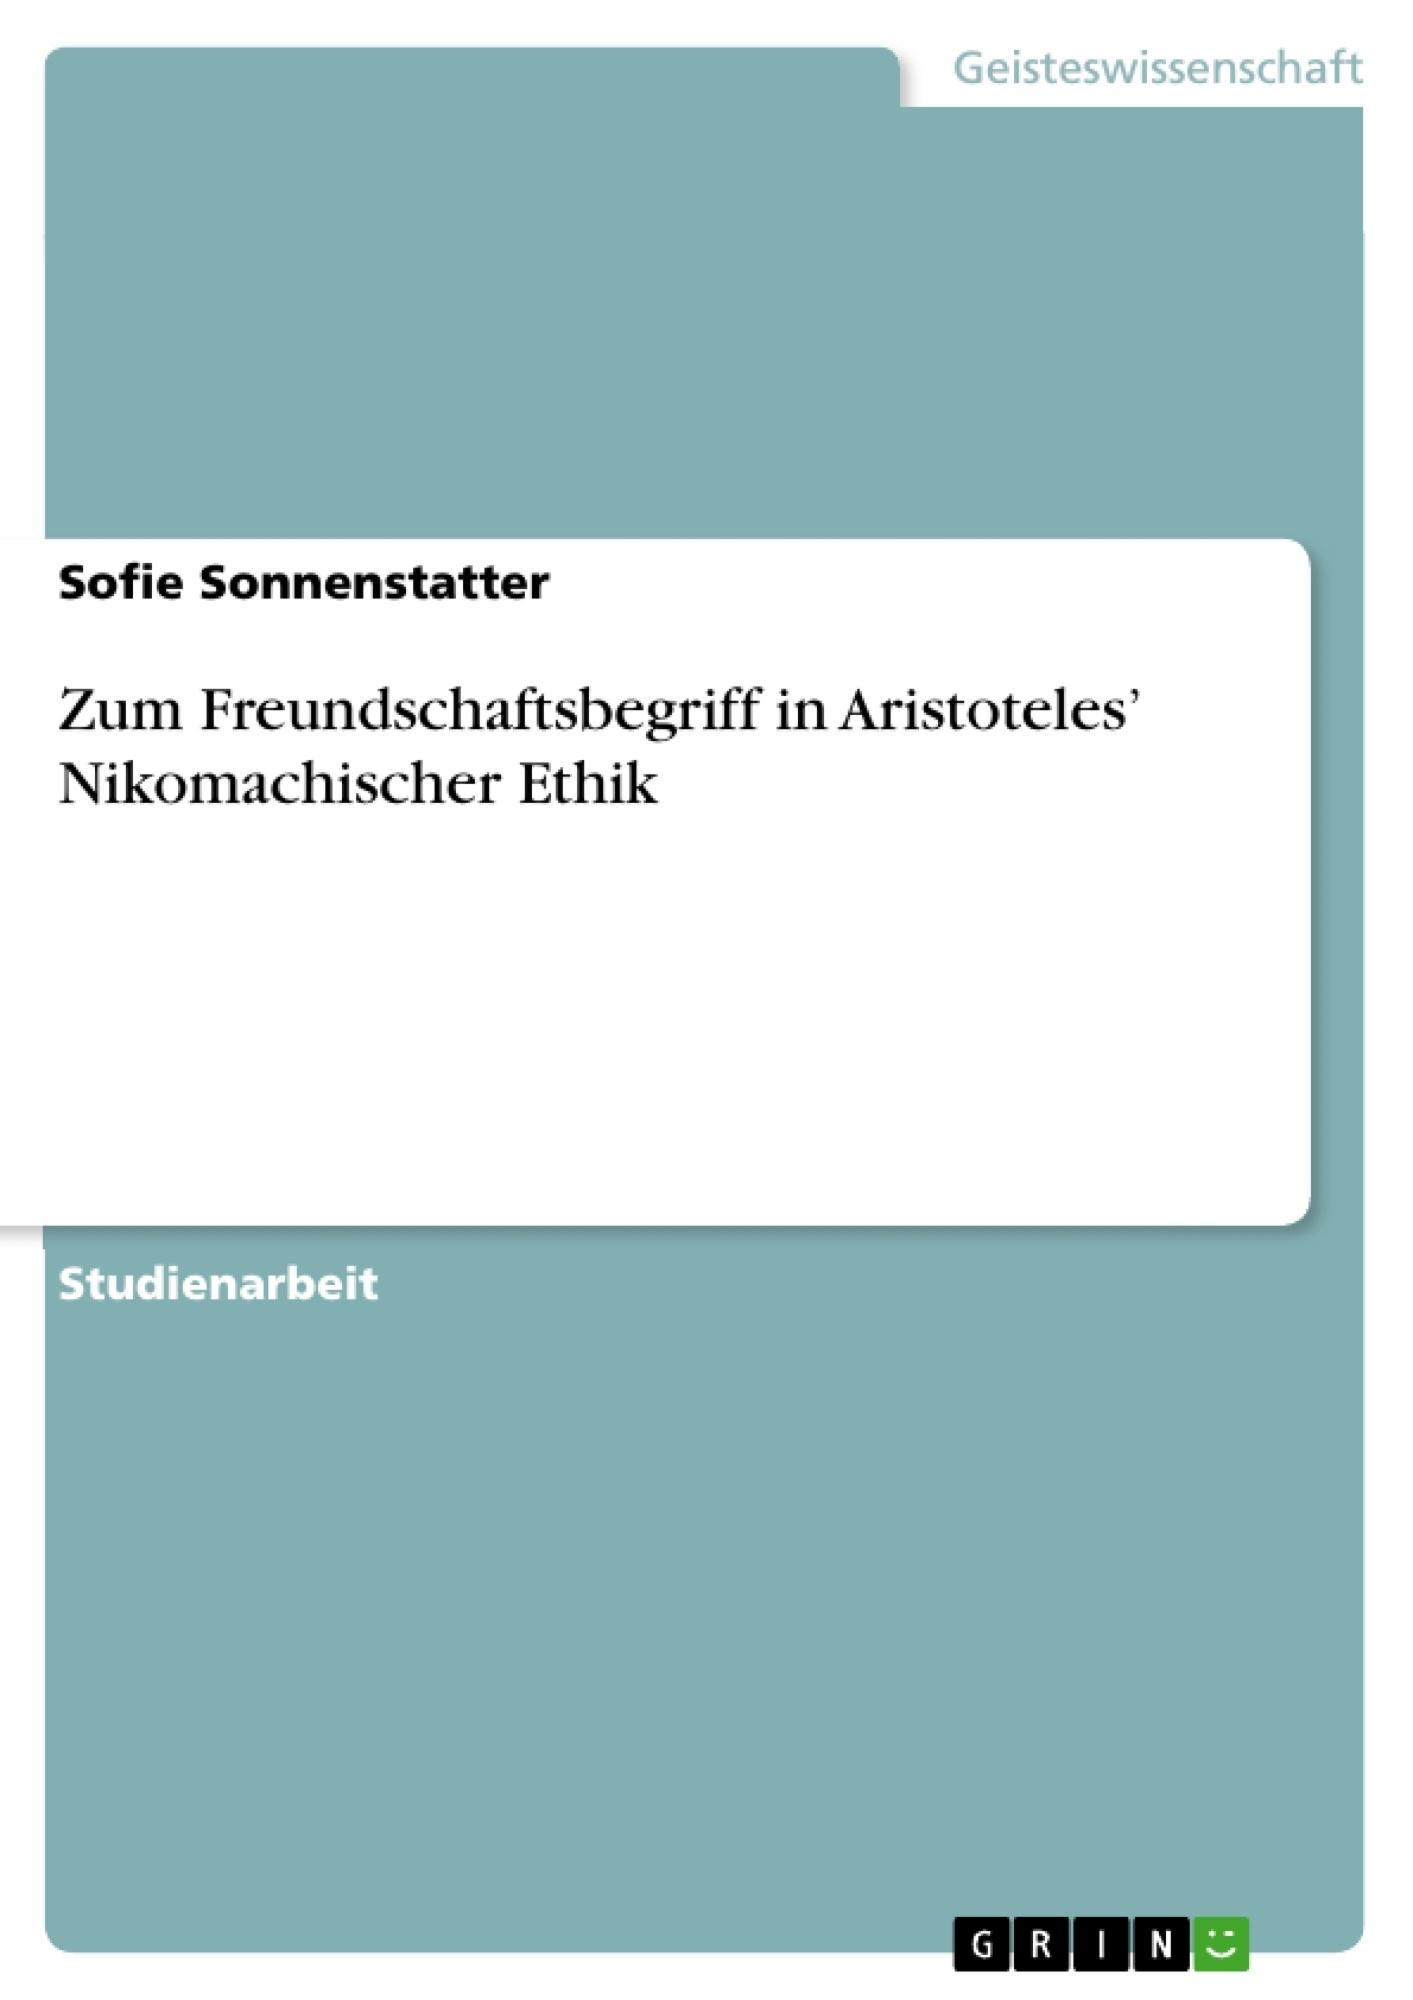 Titel: Zum Freundschaftsbegriff in Aristoteles' Nikomachischer Ethik